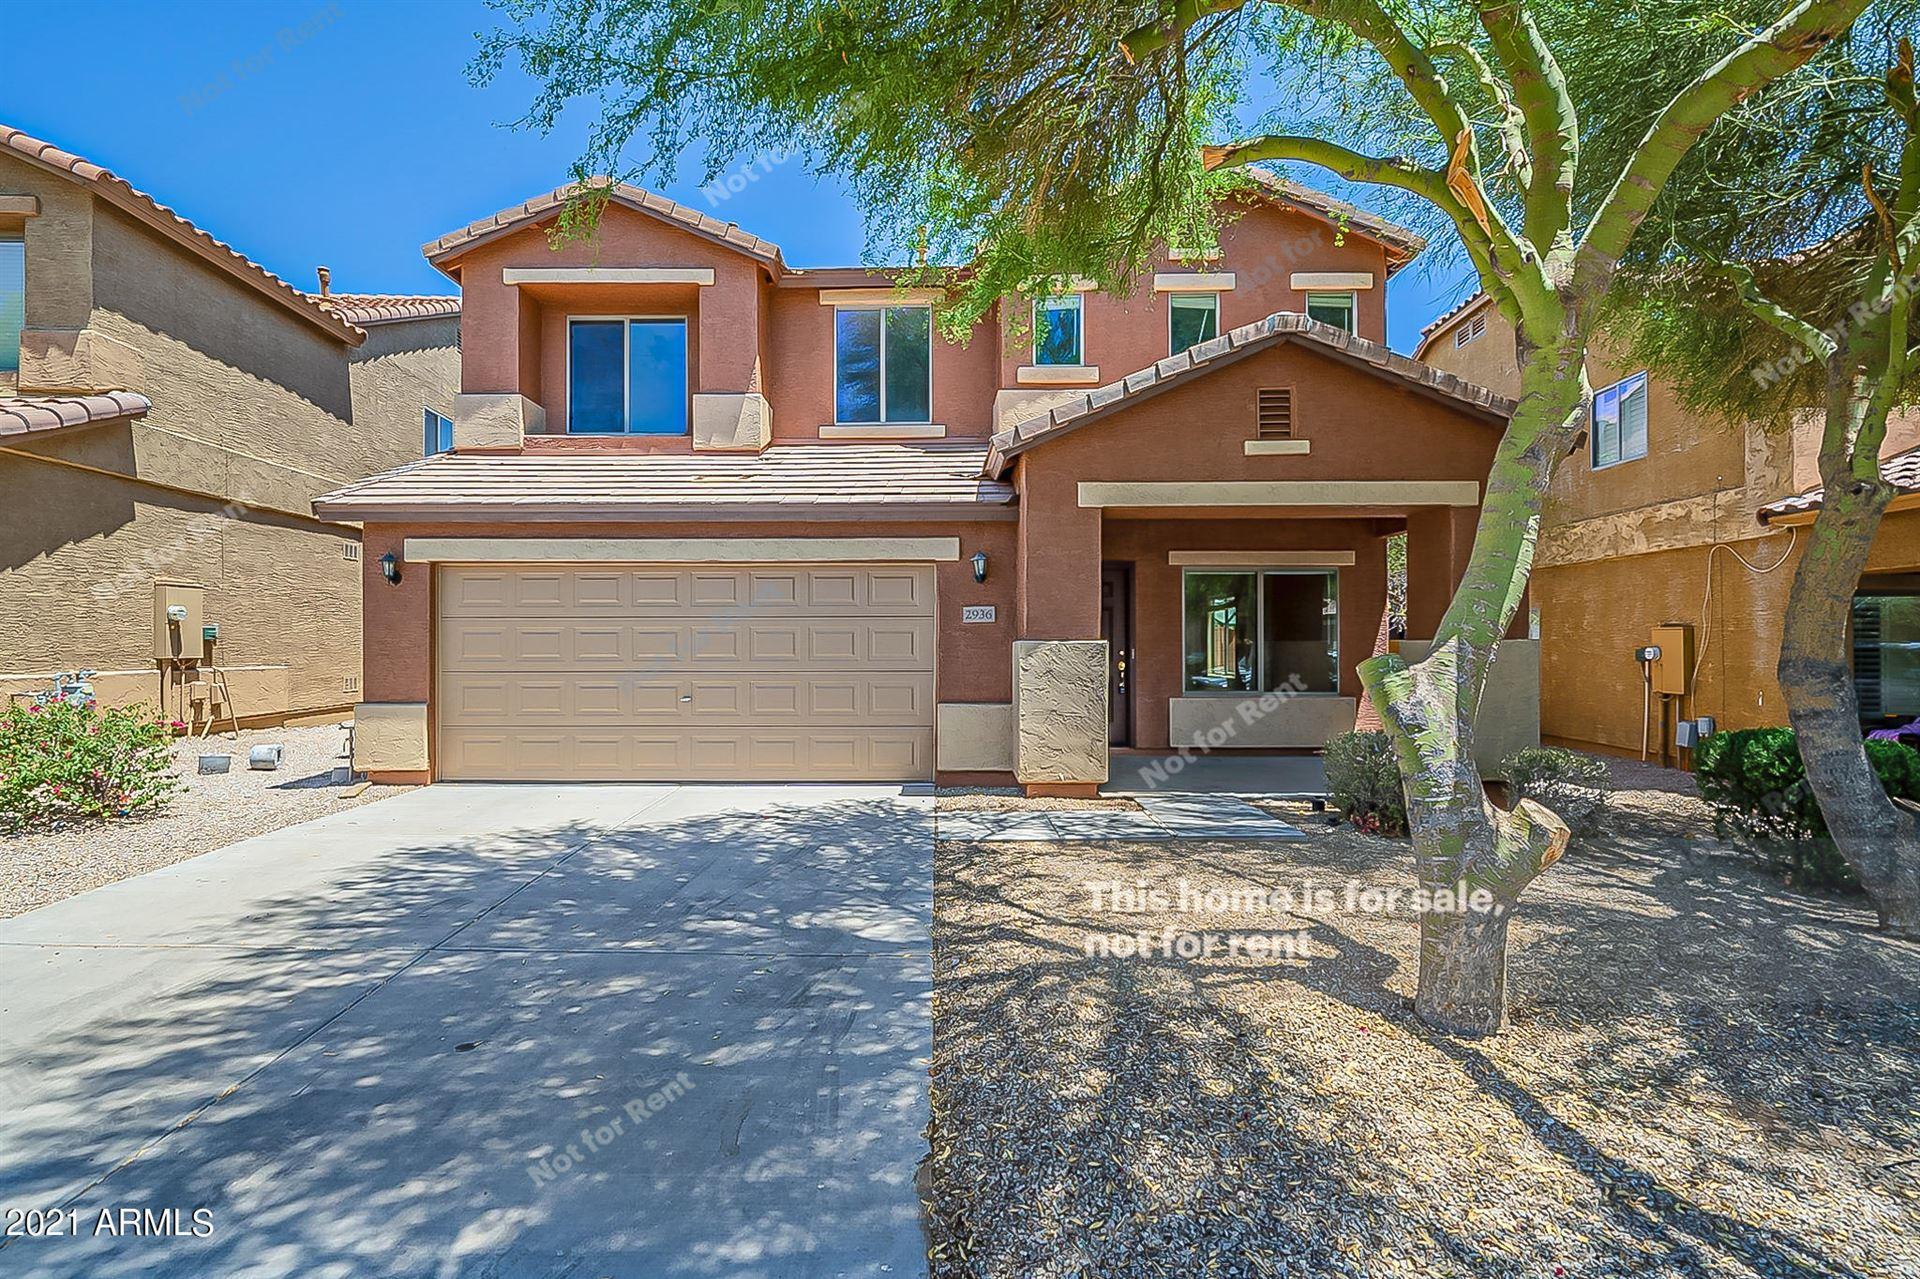 2936 W GOLD DUST Avenue, Queen Creek, AZ 85142 - MLS#: 6254037